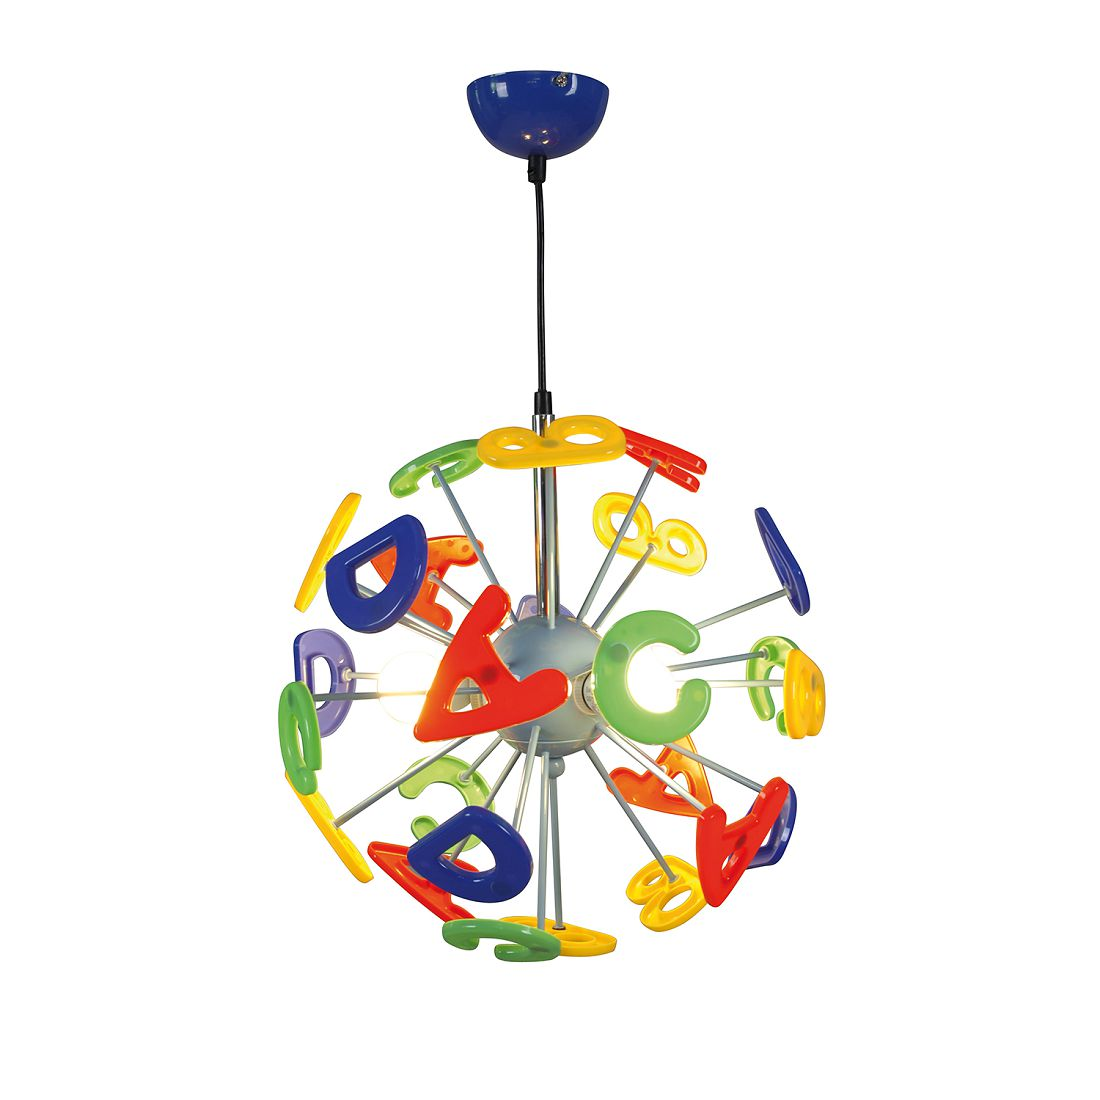 Pendelleuchte Kizi ● Kunststoff/ Metall ● Multicolor ● 3-flammig- Näve A++